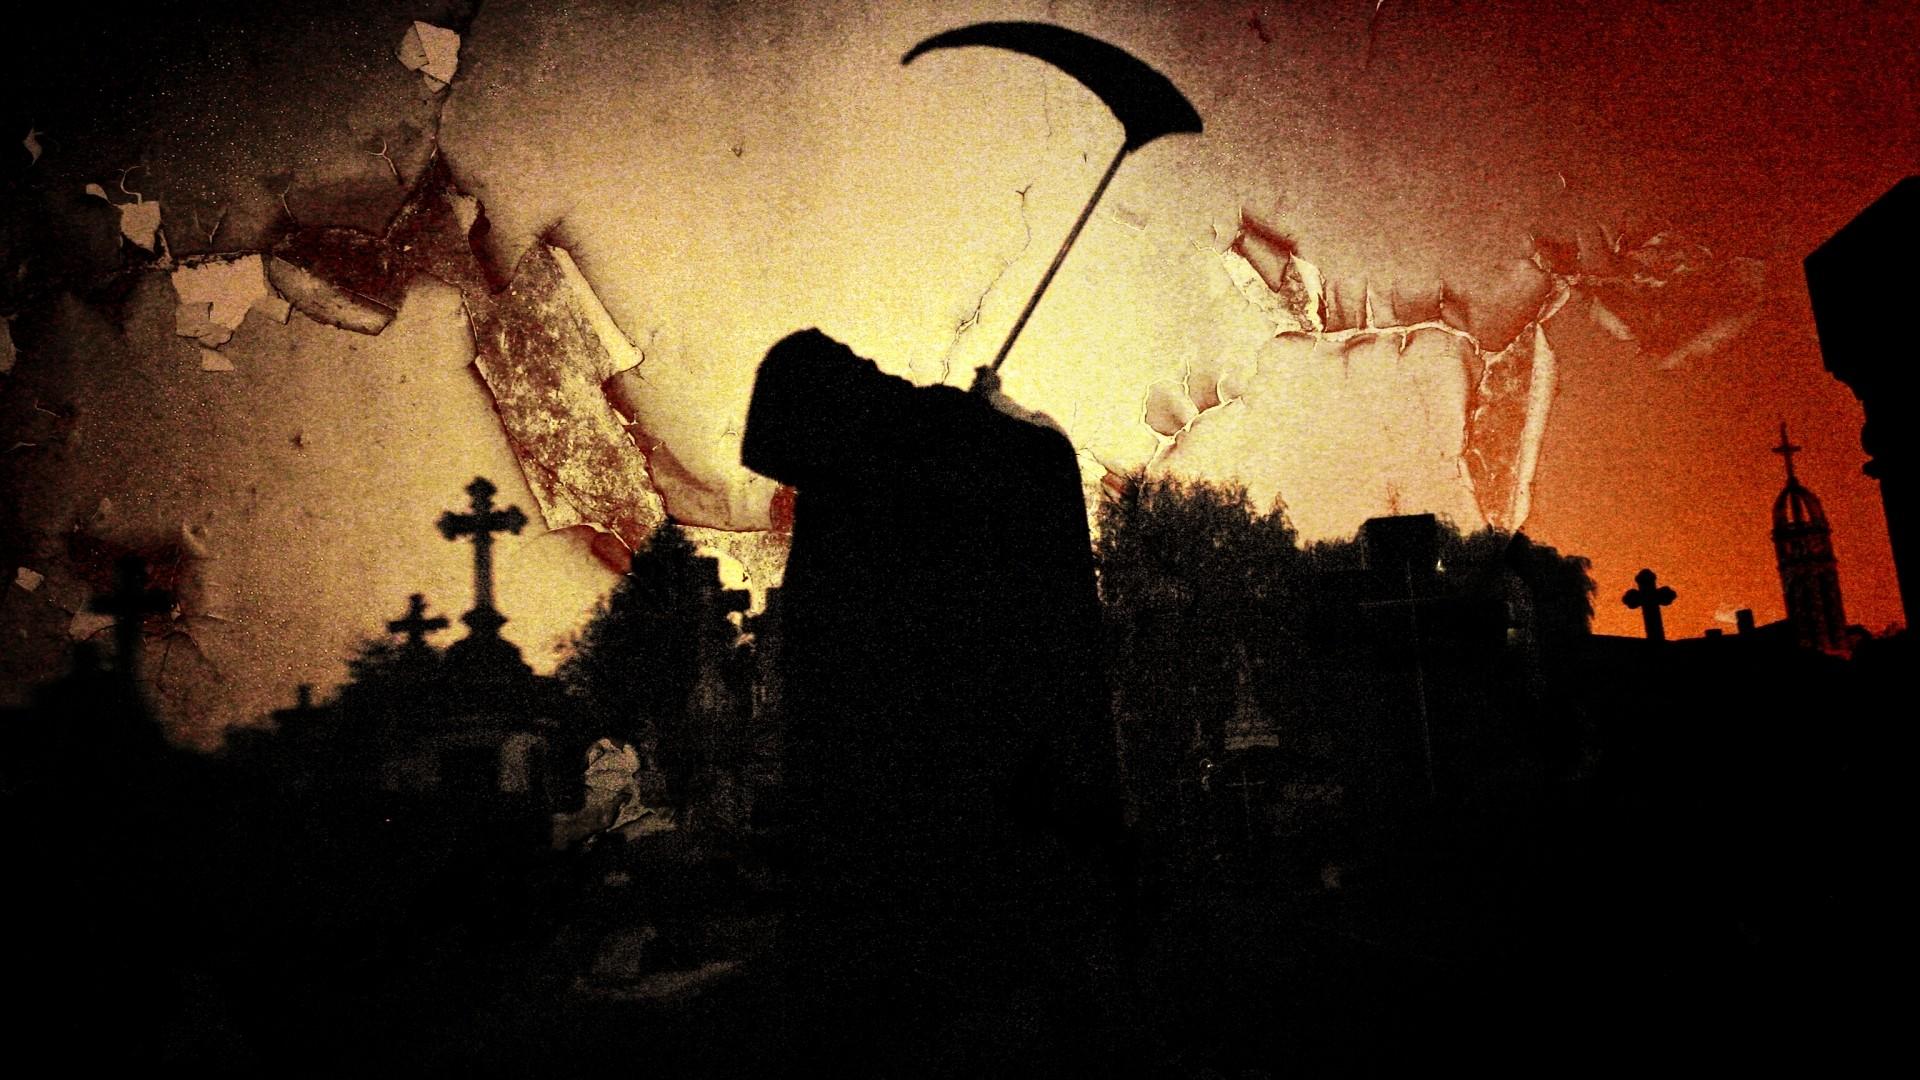 Grim Reaper wallpaper